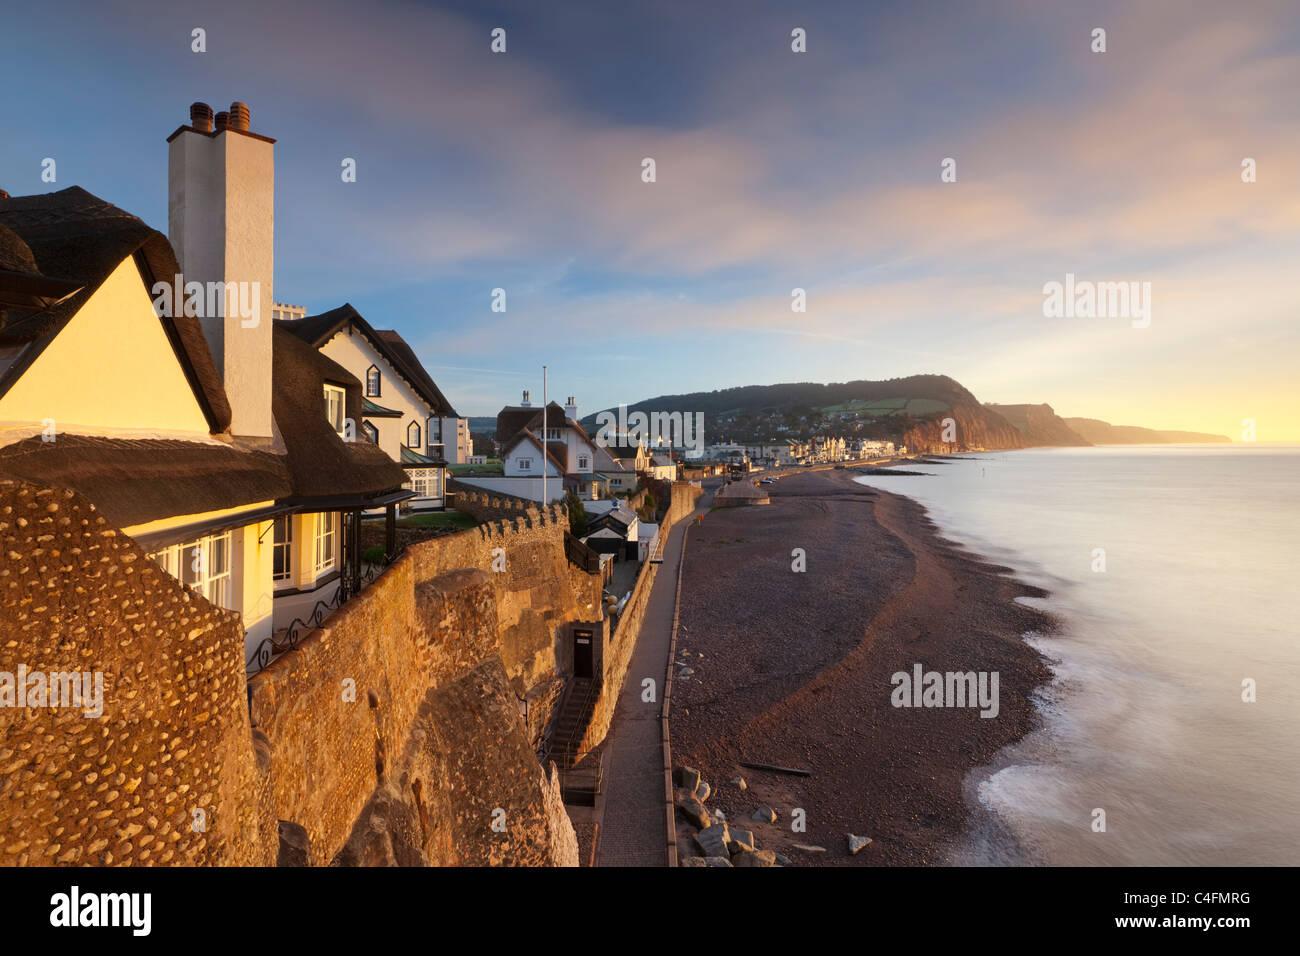 Vista delle case che si affacciano su Sidmouth lungomare a Sidmouth, nel Devon, in Inghilterra. Inverno (febbraio) Immagini Stock